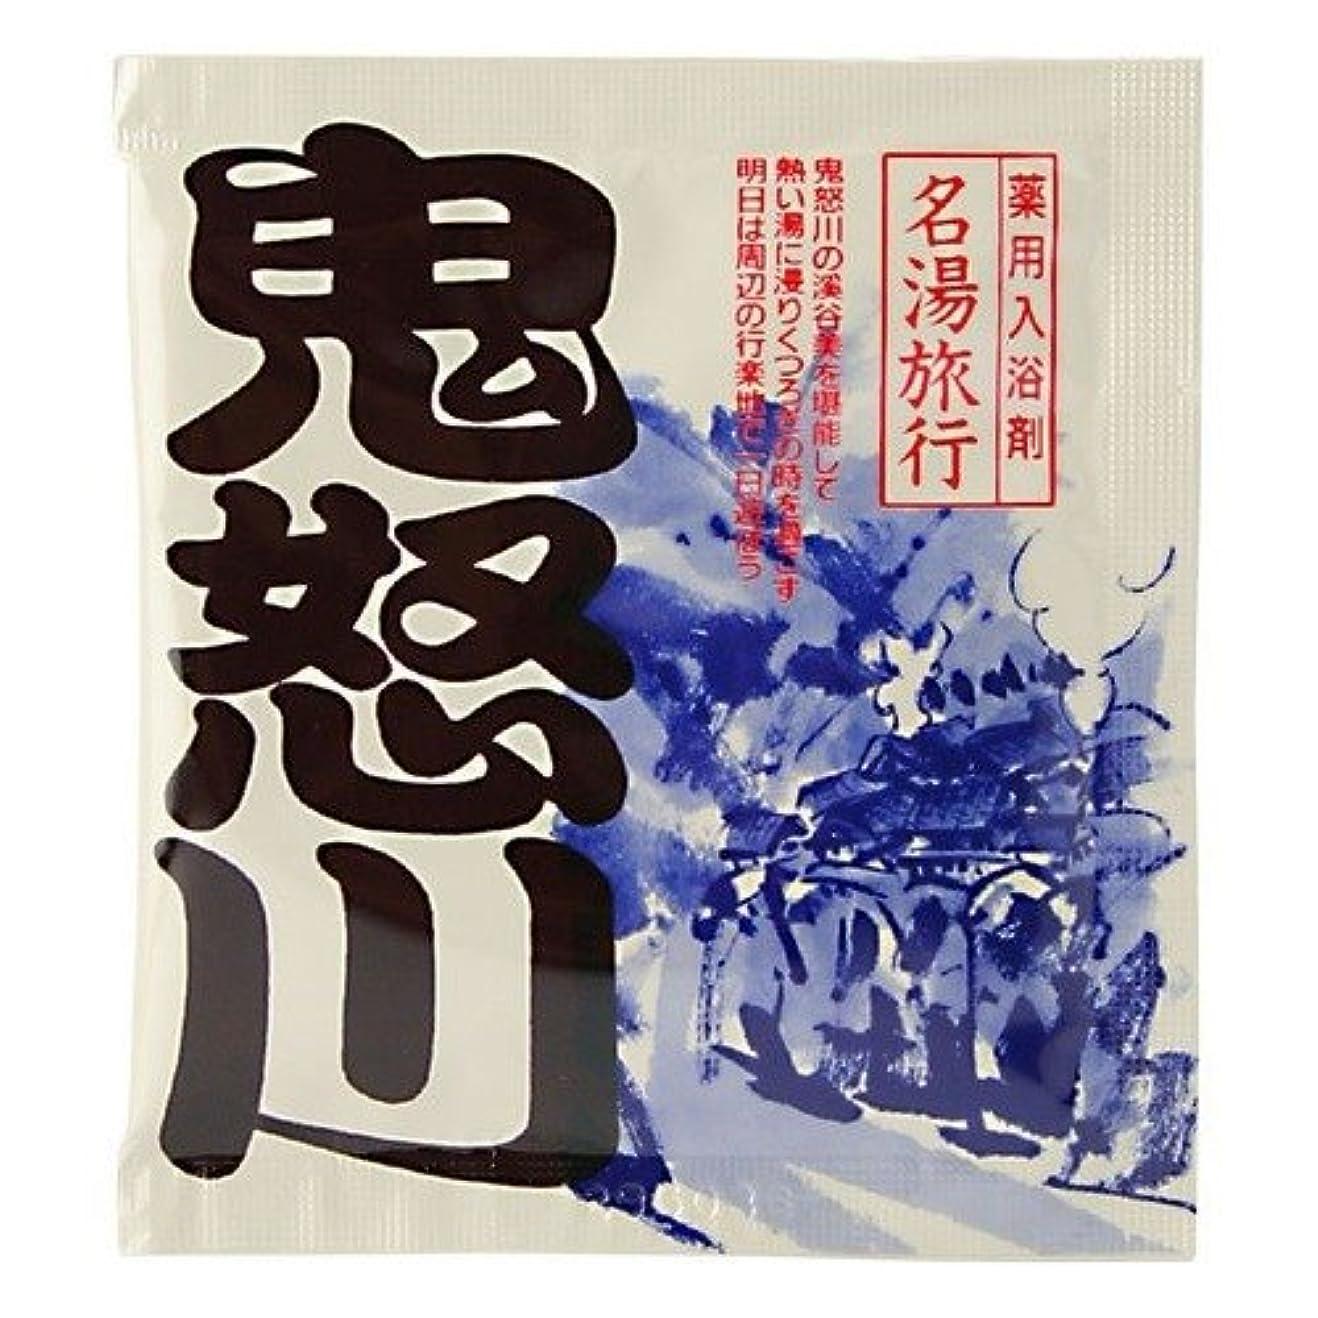 矛盾するほのめかす便利五洲薬品 名湯旅行 鬼怒川 25g 4987332126706